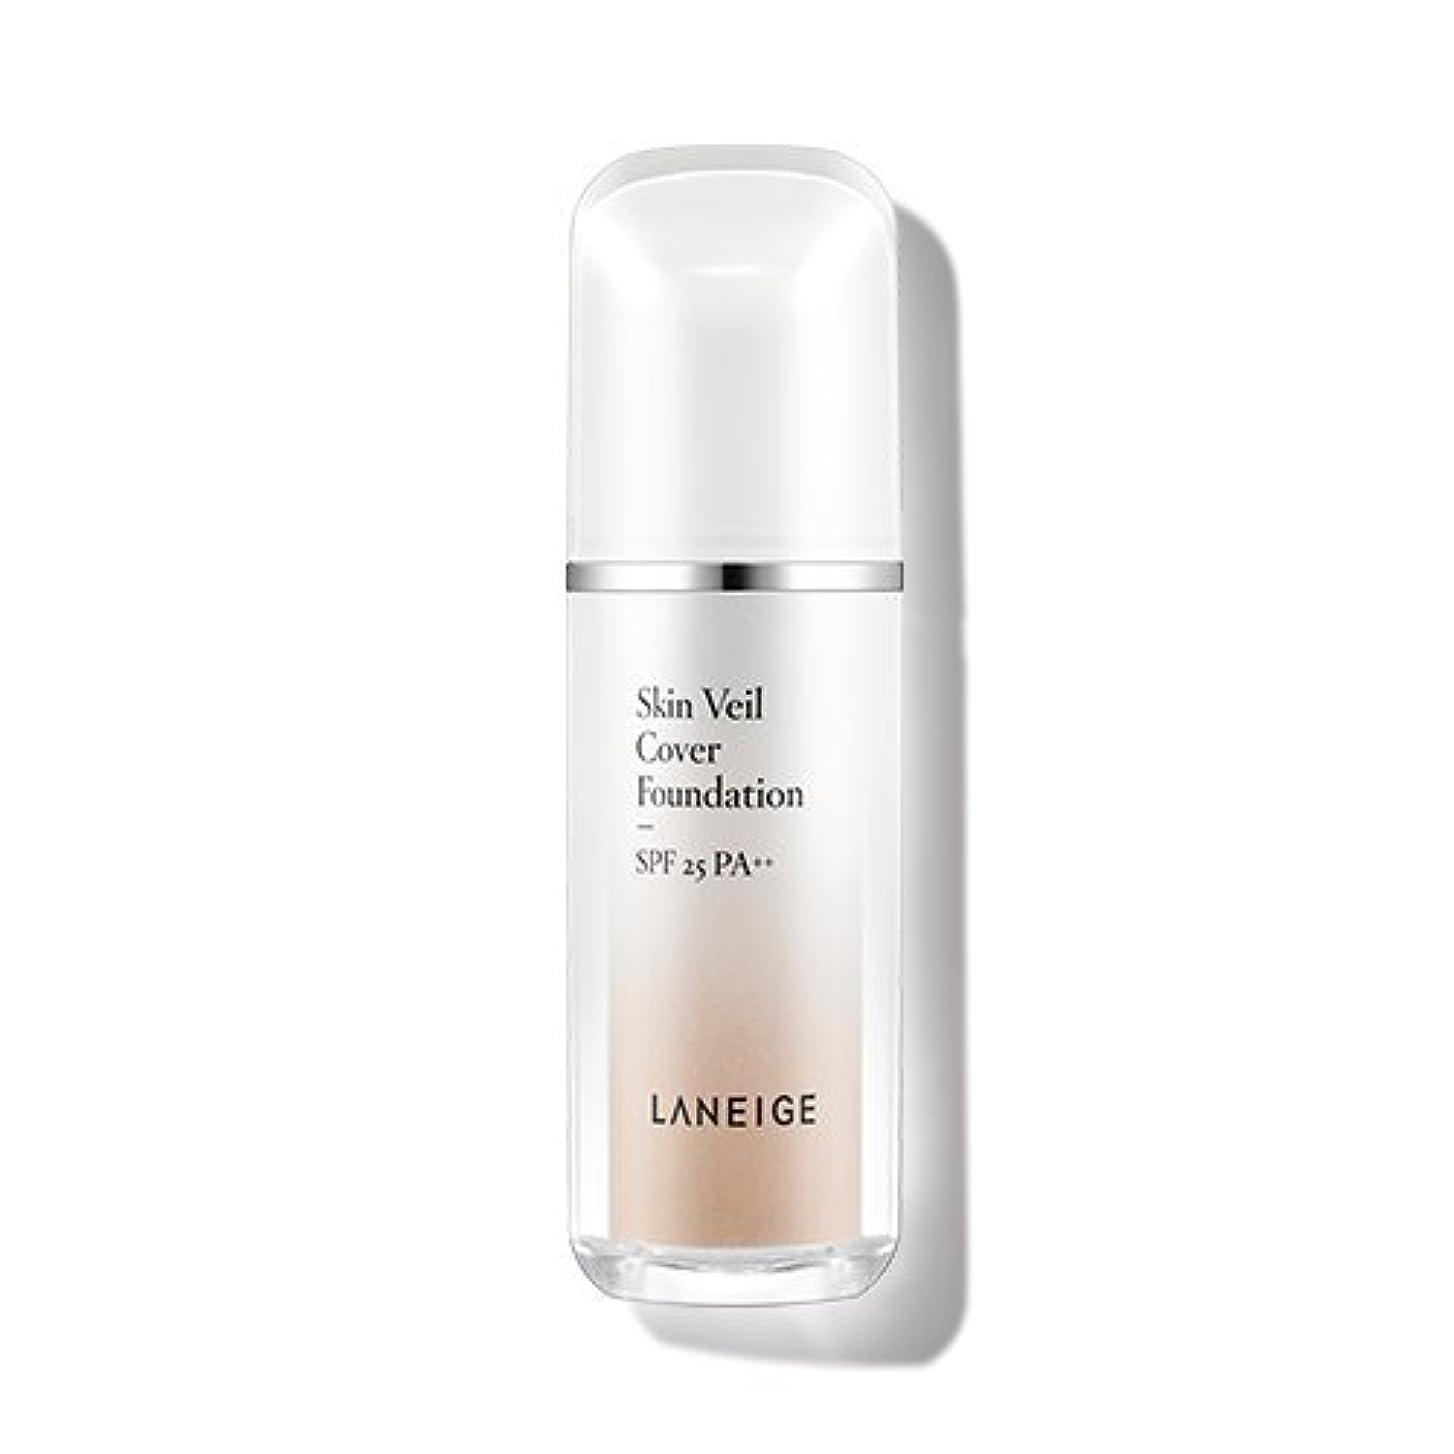 警告する現代アテンダントラネージュ(LANEIGE) スキンベールカバー?ファンデーション Skin Veil Cover Foundation 30ml (No.21 Beige)